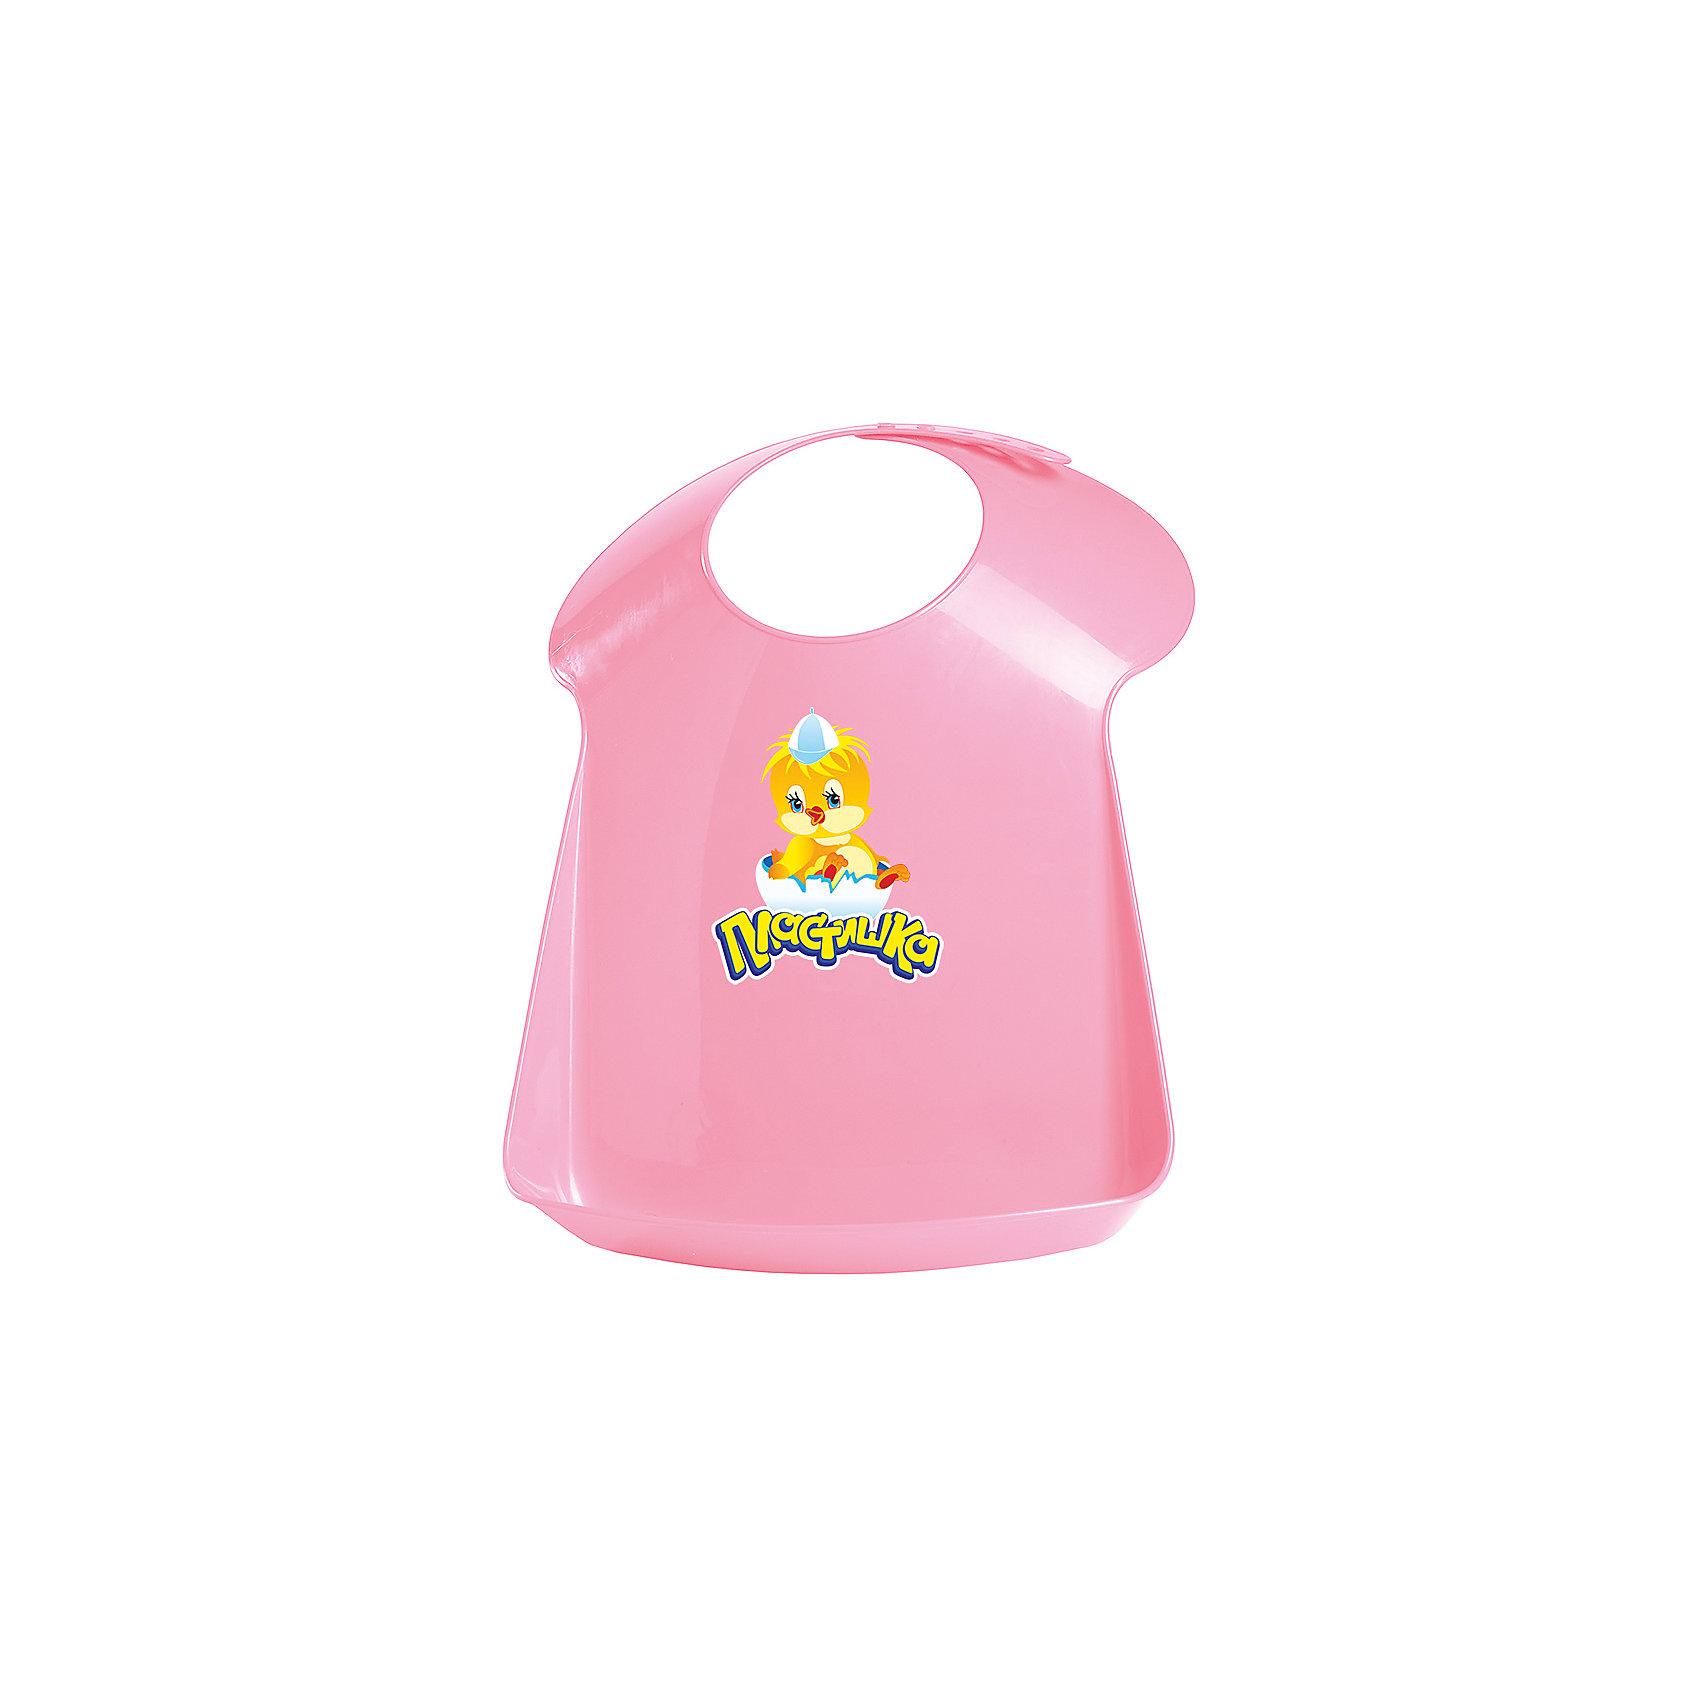 Нагрудник Пластишка, розовыйНагрудник Пластишка, розовый – нагрудник защитит одежду вашего малыша во время еды.<br>Нагрудник с аппликацией Пластишка выполнен из мягкого пищевого полиэтилена с удобным кармашком, предохраняющим одежду ребенка от загрязнения во время кормления. У нагрудника удобная регулируемая застежка. Мягкие и округлые края горловины не поцарапает шею малыша. Нагрудник легко мыть.<br><br>Дополнительная информация:<br><br>- Материал: полиэтилен<br>- Цвет: розовый<br>- Размер: 340х240х65 мм.<br><br>Нагрудник Пластишка, розовый можно купить в нашем интернет-магазине.<br><br>Ширина мм: 330<br>Глубина мм: 240<br>Высота мм: 55<br>Вес г: 9999<br>Цвет: розовый<br>Возраст от месяцев: 0<br>Возраст до месяцев: 24<br>Пол: Унисекс<br>Возраст: Детский<br>SKU: 4409395